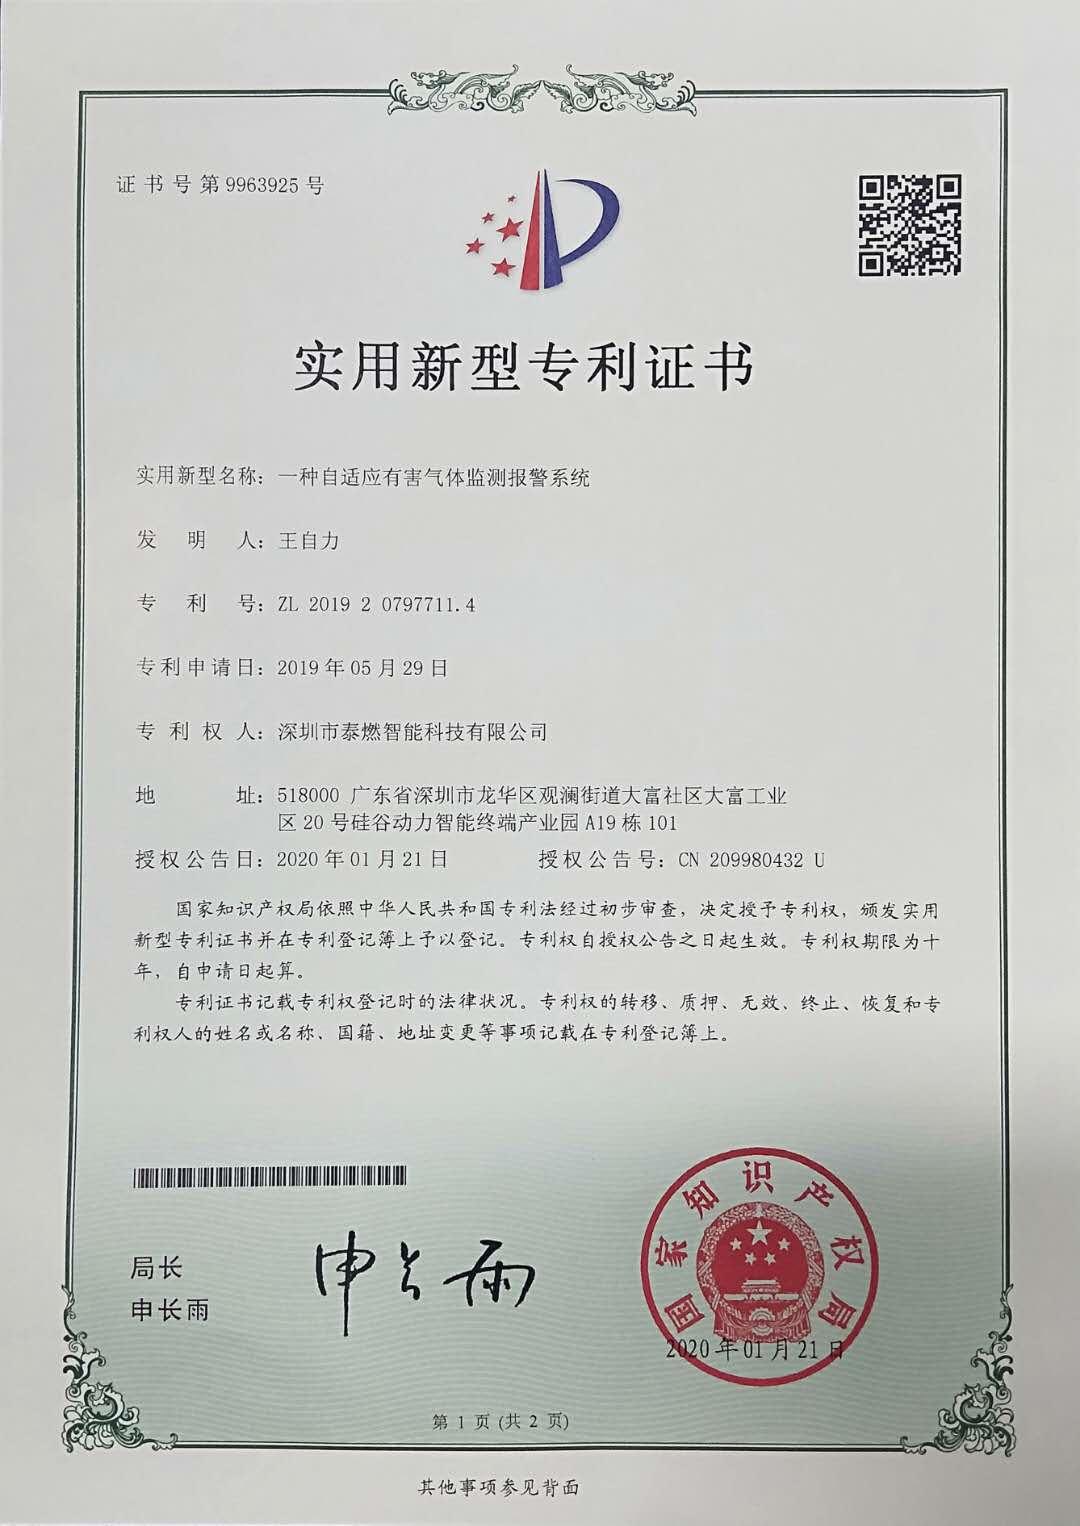 祝贺泰燃智能又一项实用新型专利获得授权